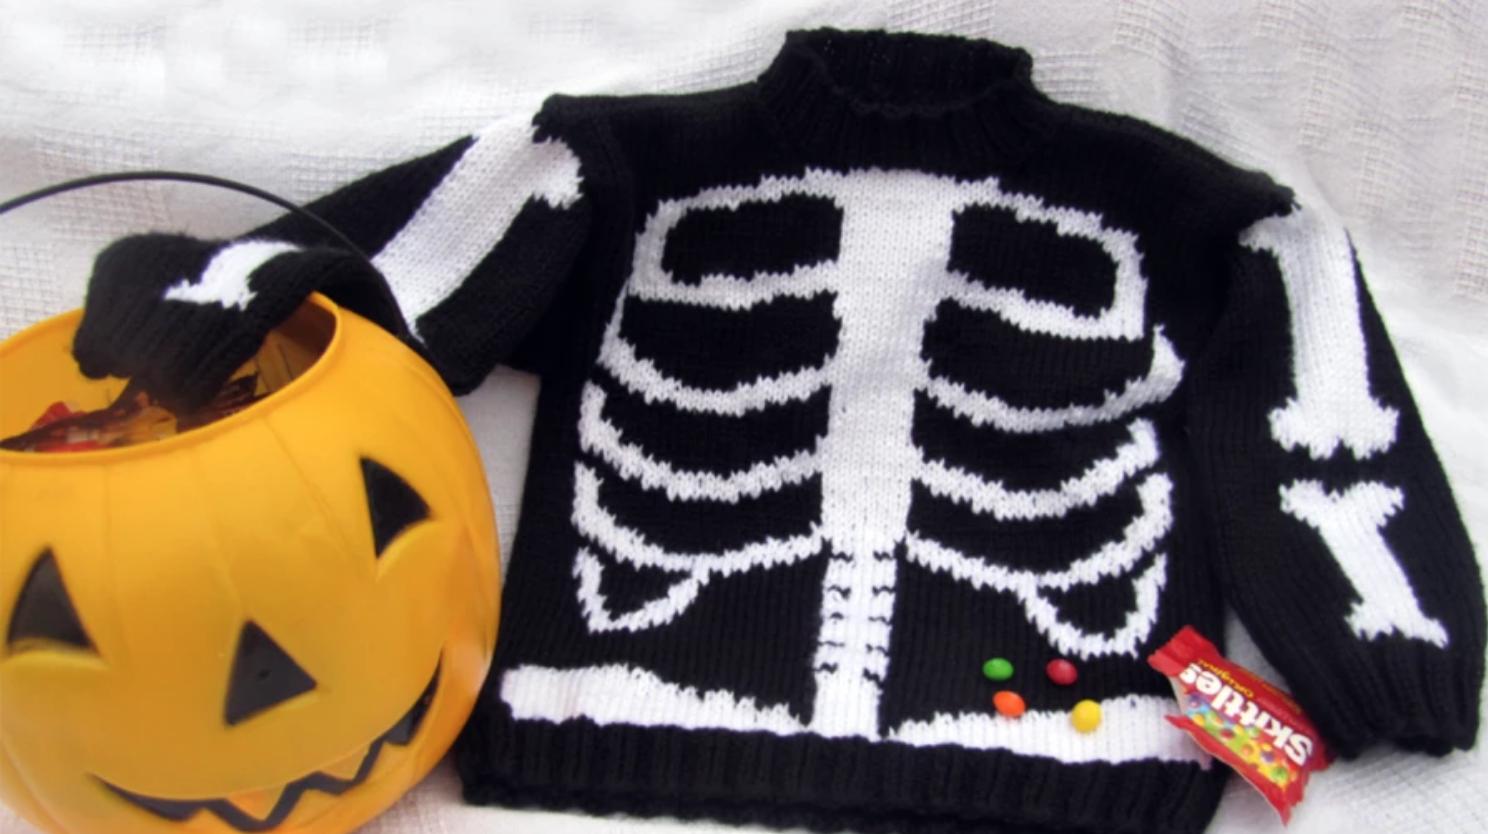 skeleton knit sweater